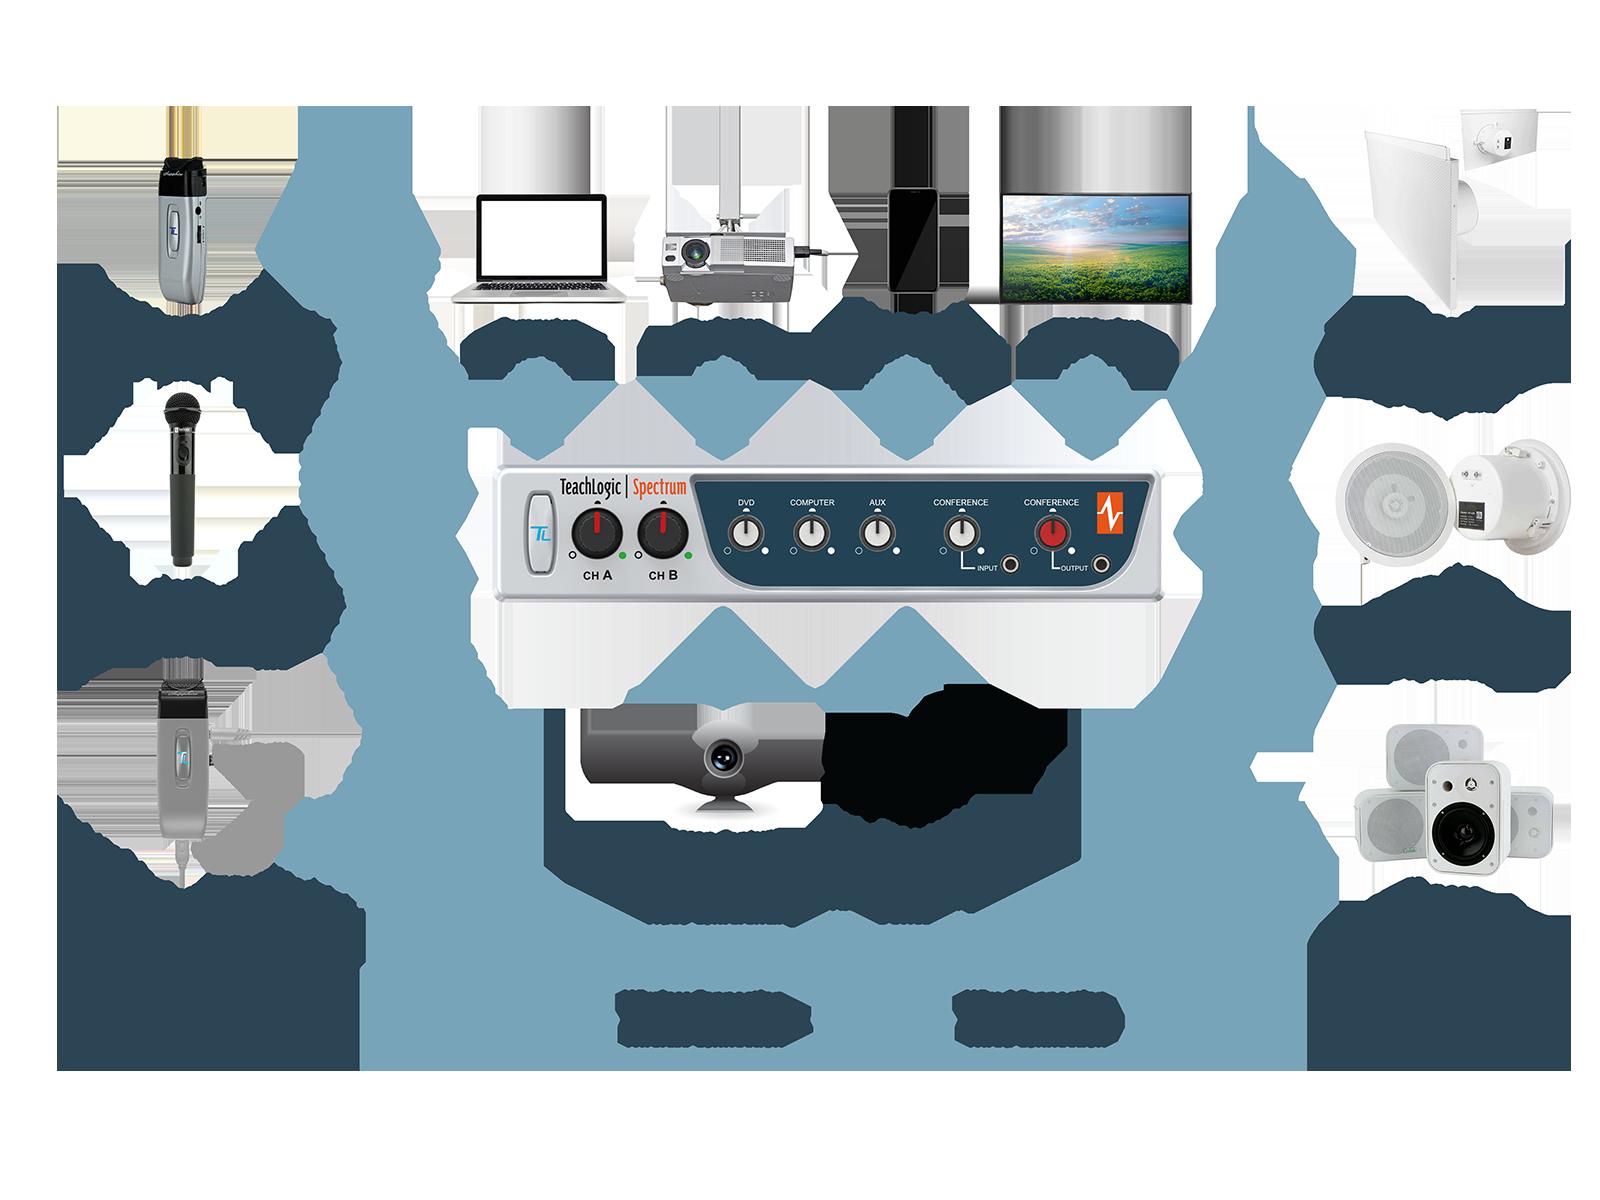 Spectrum audio connection diagram 1600x1200 1